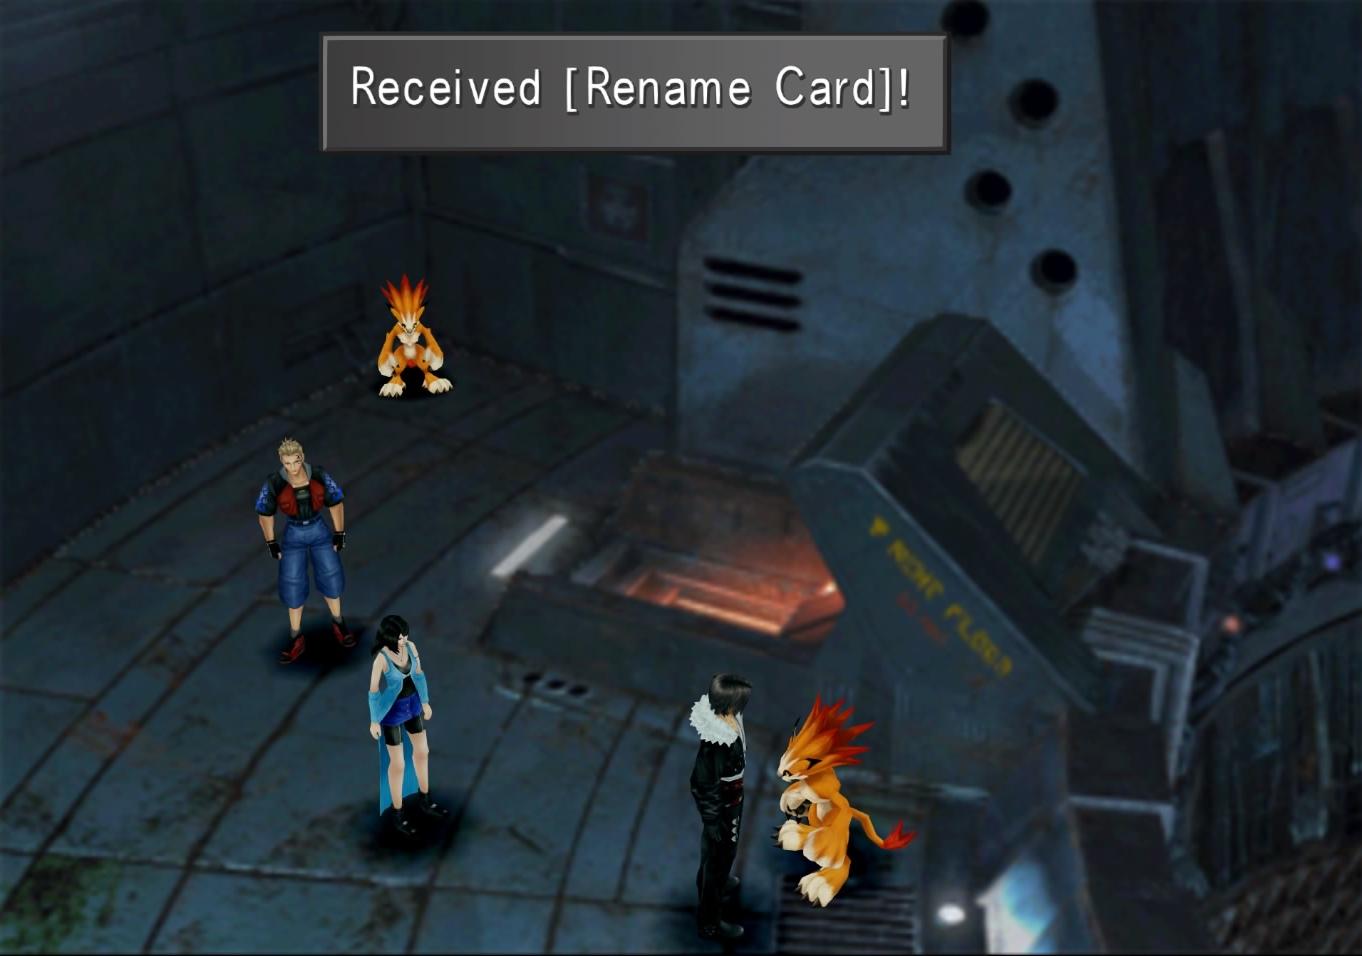 Rename Card